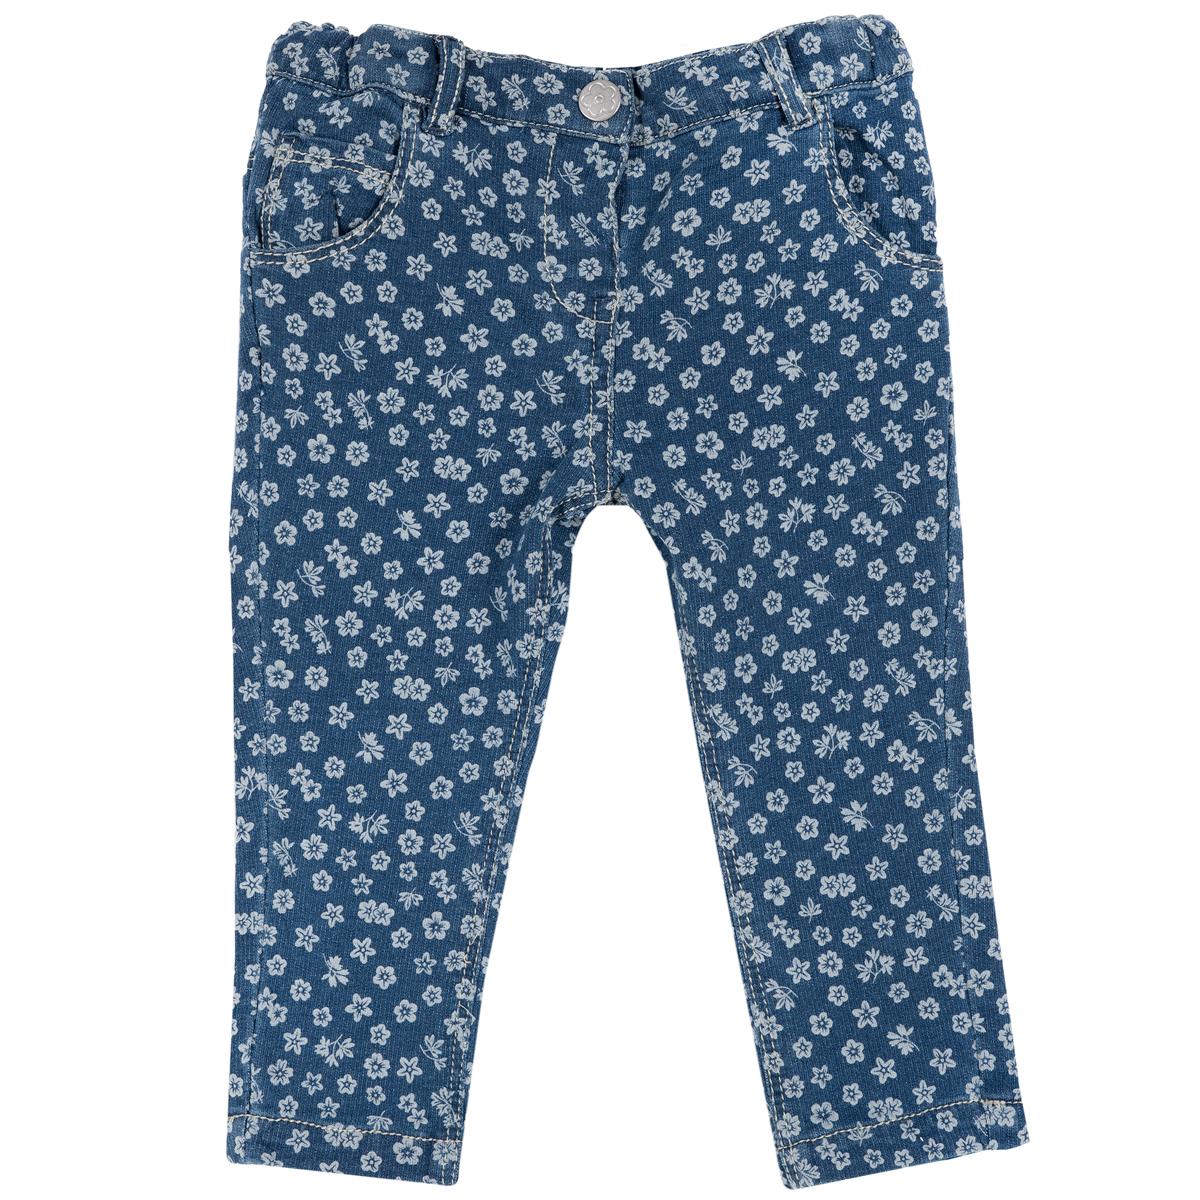 Pantalon Lung Copii, Bleumarin Cu Model, 24942